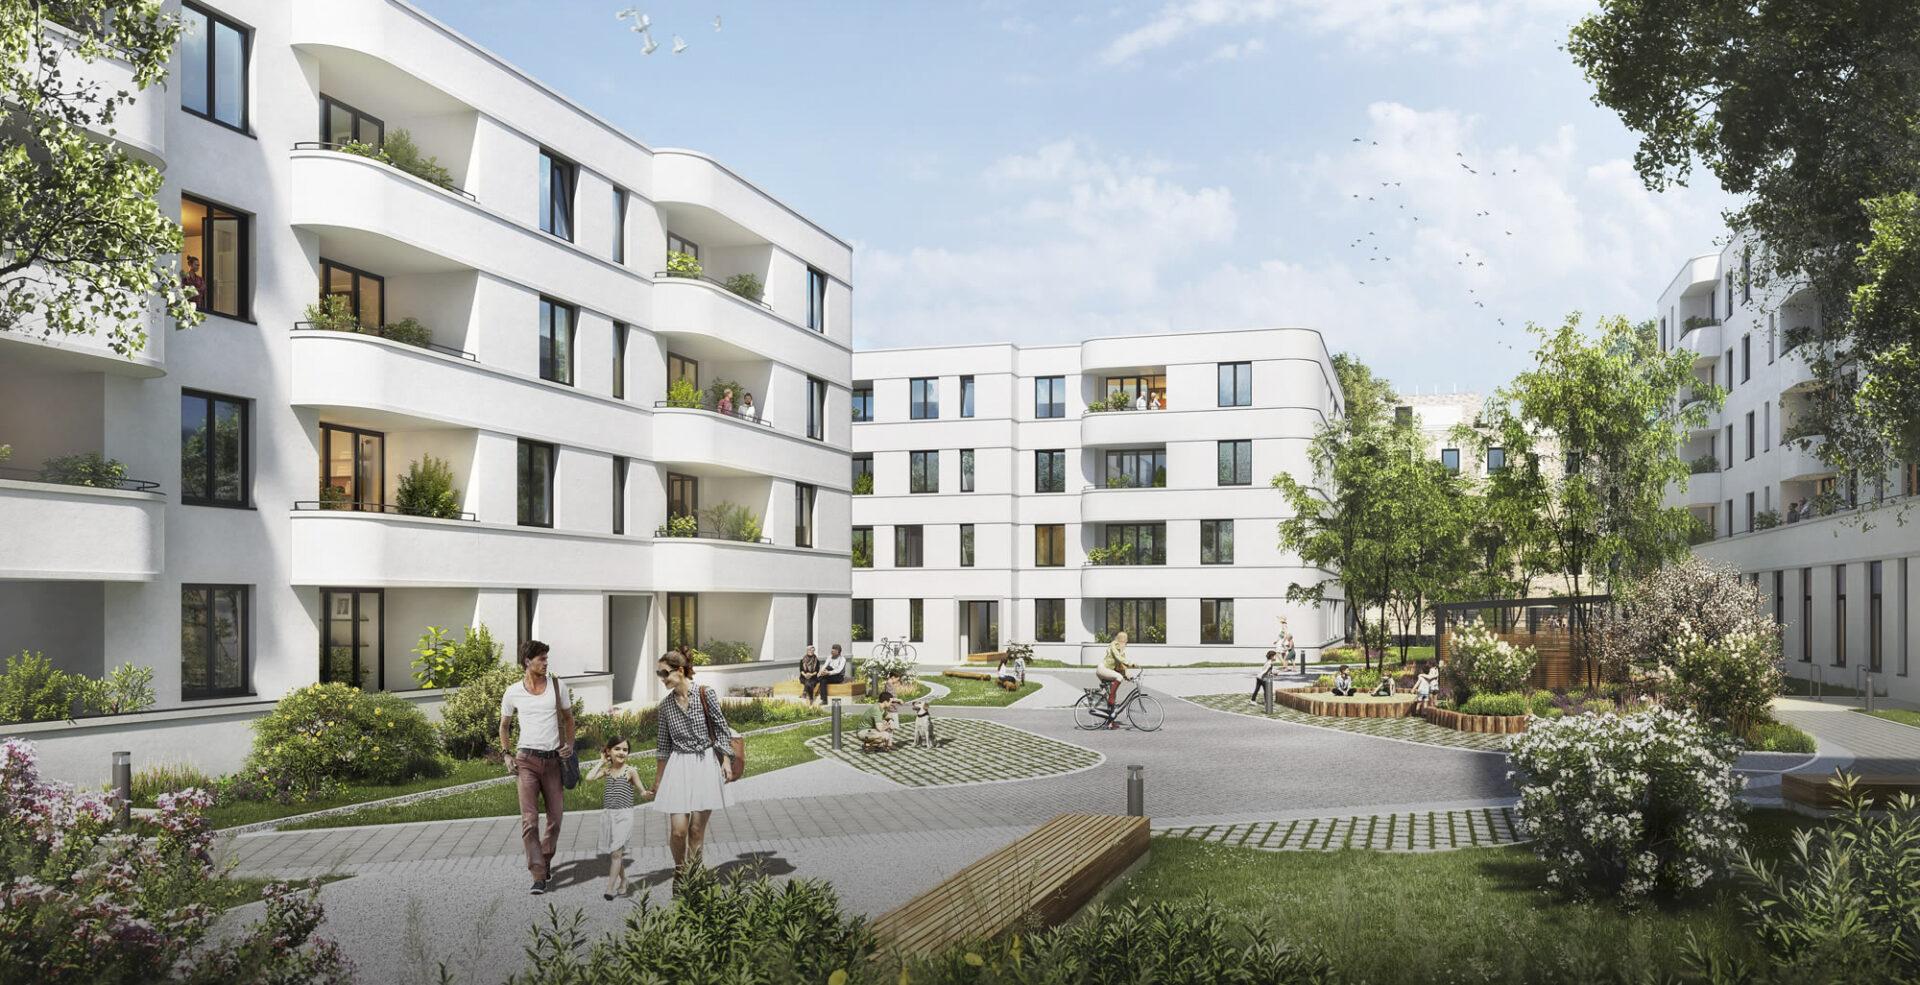 Gebäudegruppe Lindenhöfe mit Parkanlage.